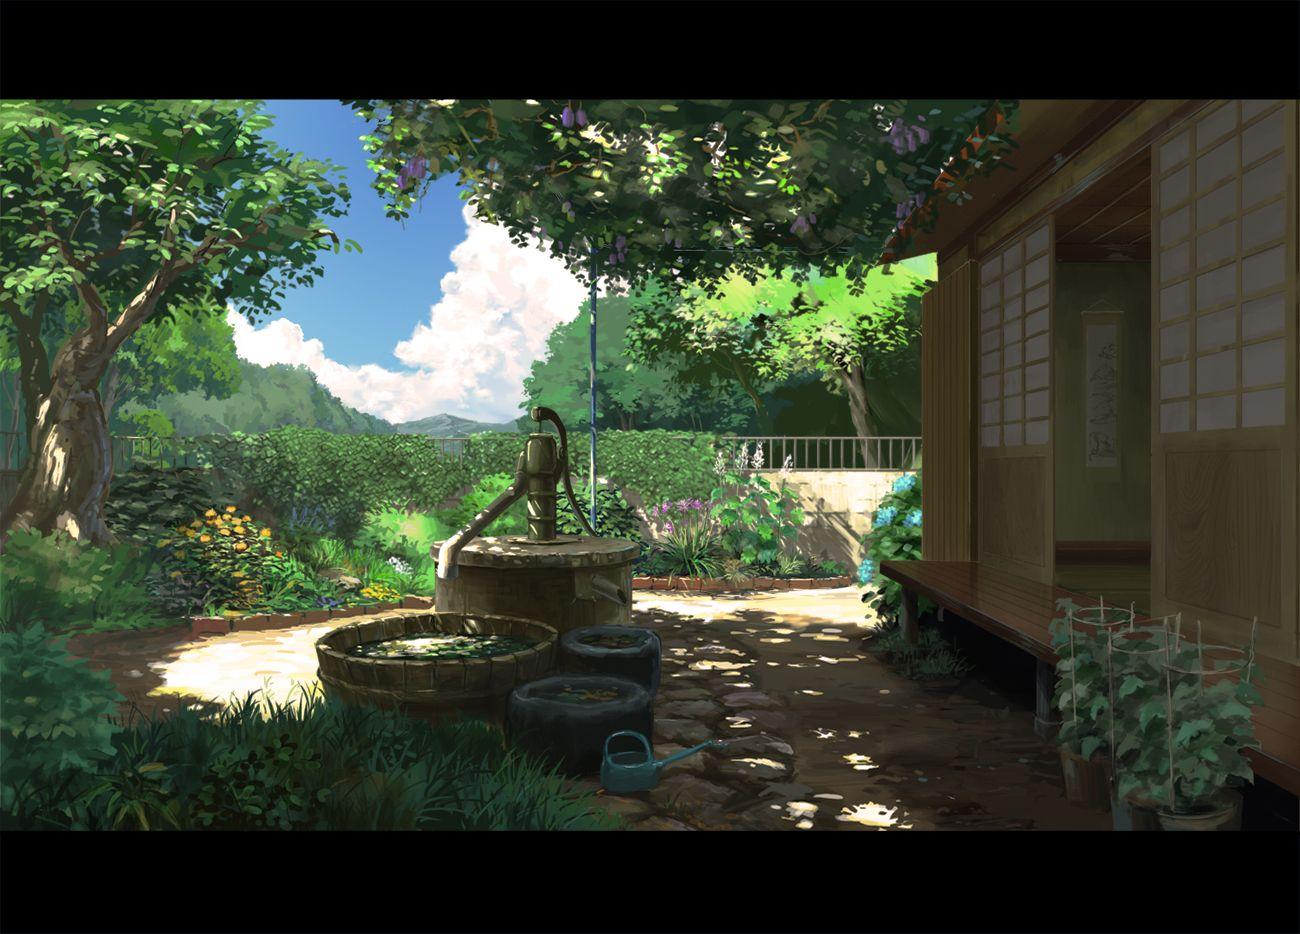 もう冬か ノスタルジックな画像でもみたいな 風景 夏 風景 アート背景